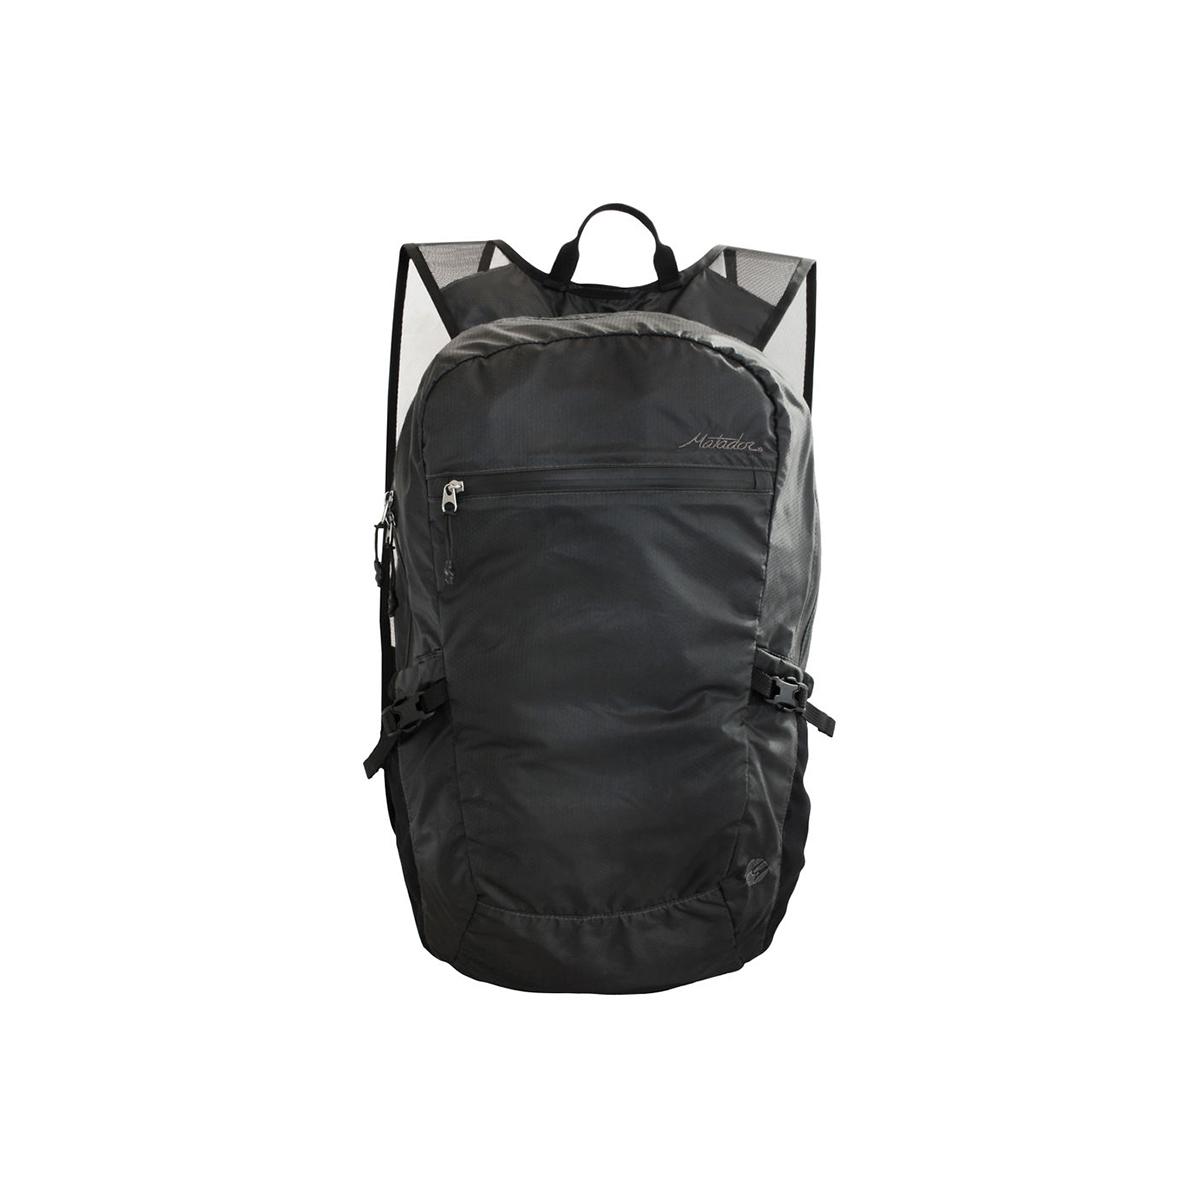 手のひらサイズになる大容量バッグ|《16L/ブラック》旅先や日常生活でアクティブに動き回れる、手のひらサイズにたためる防水仕様のバックパック|Matador freefly16